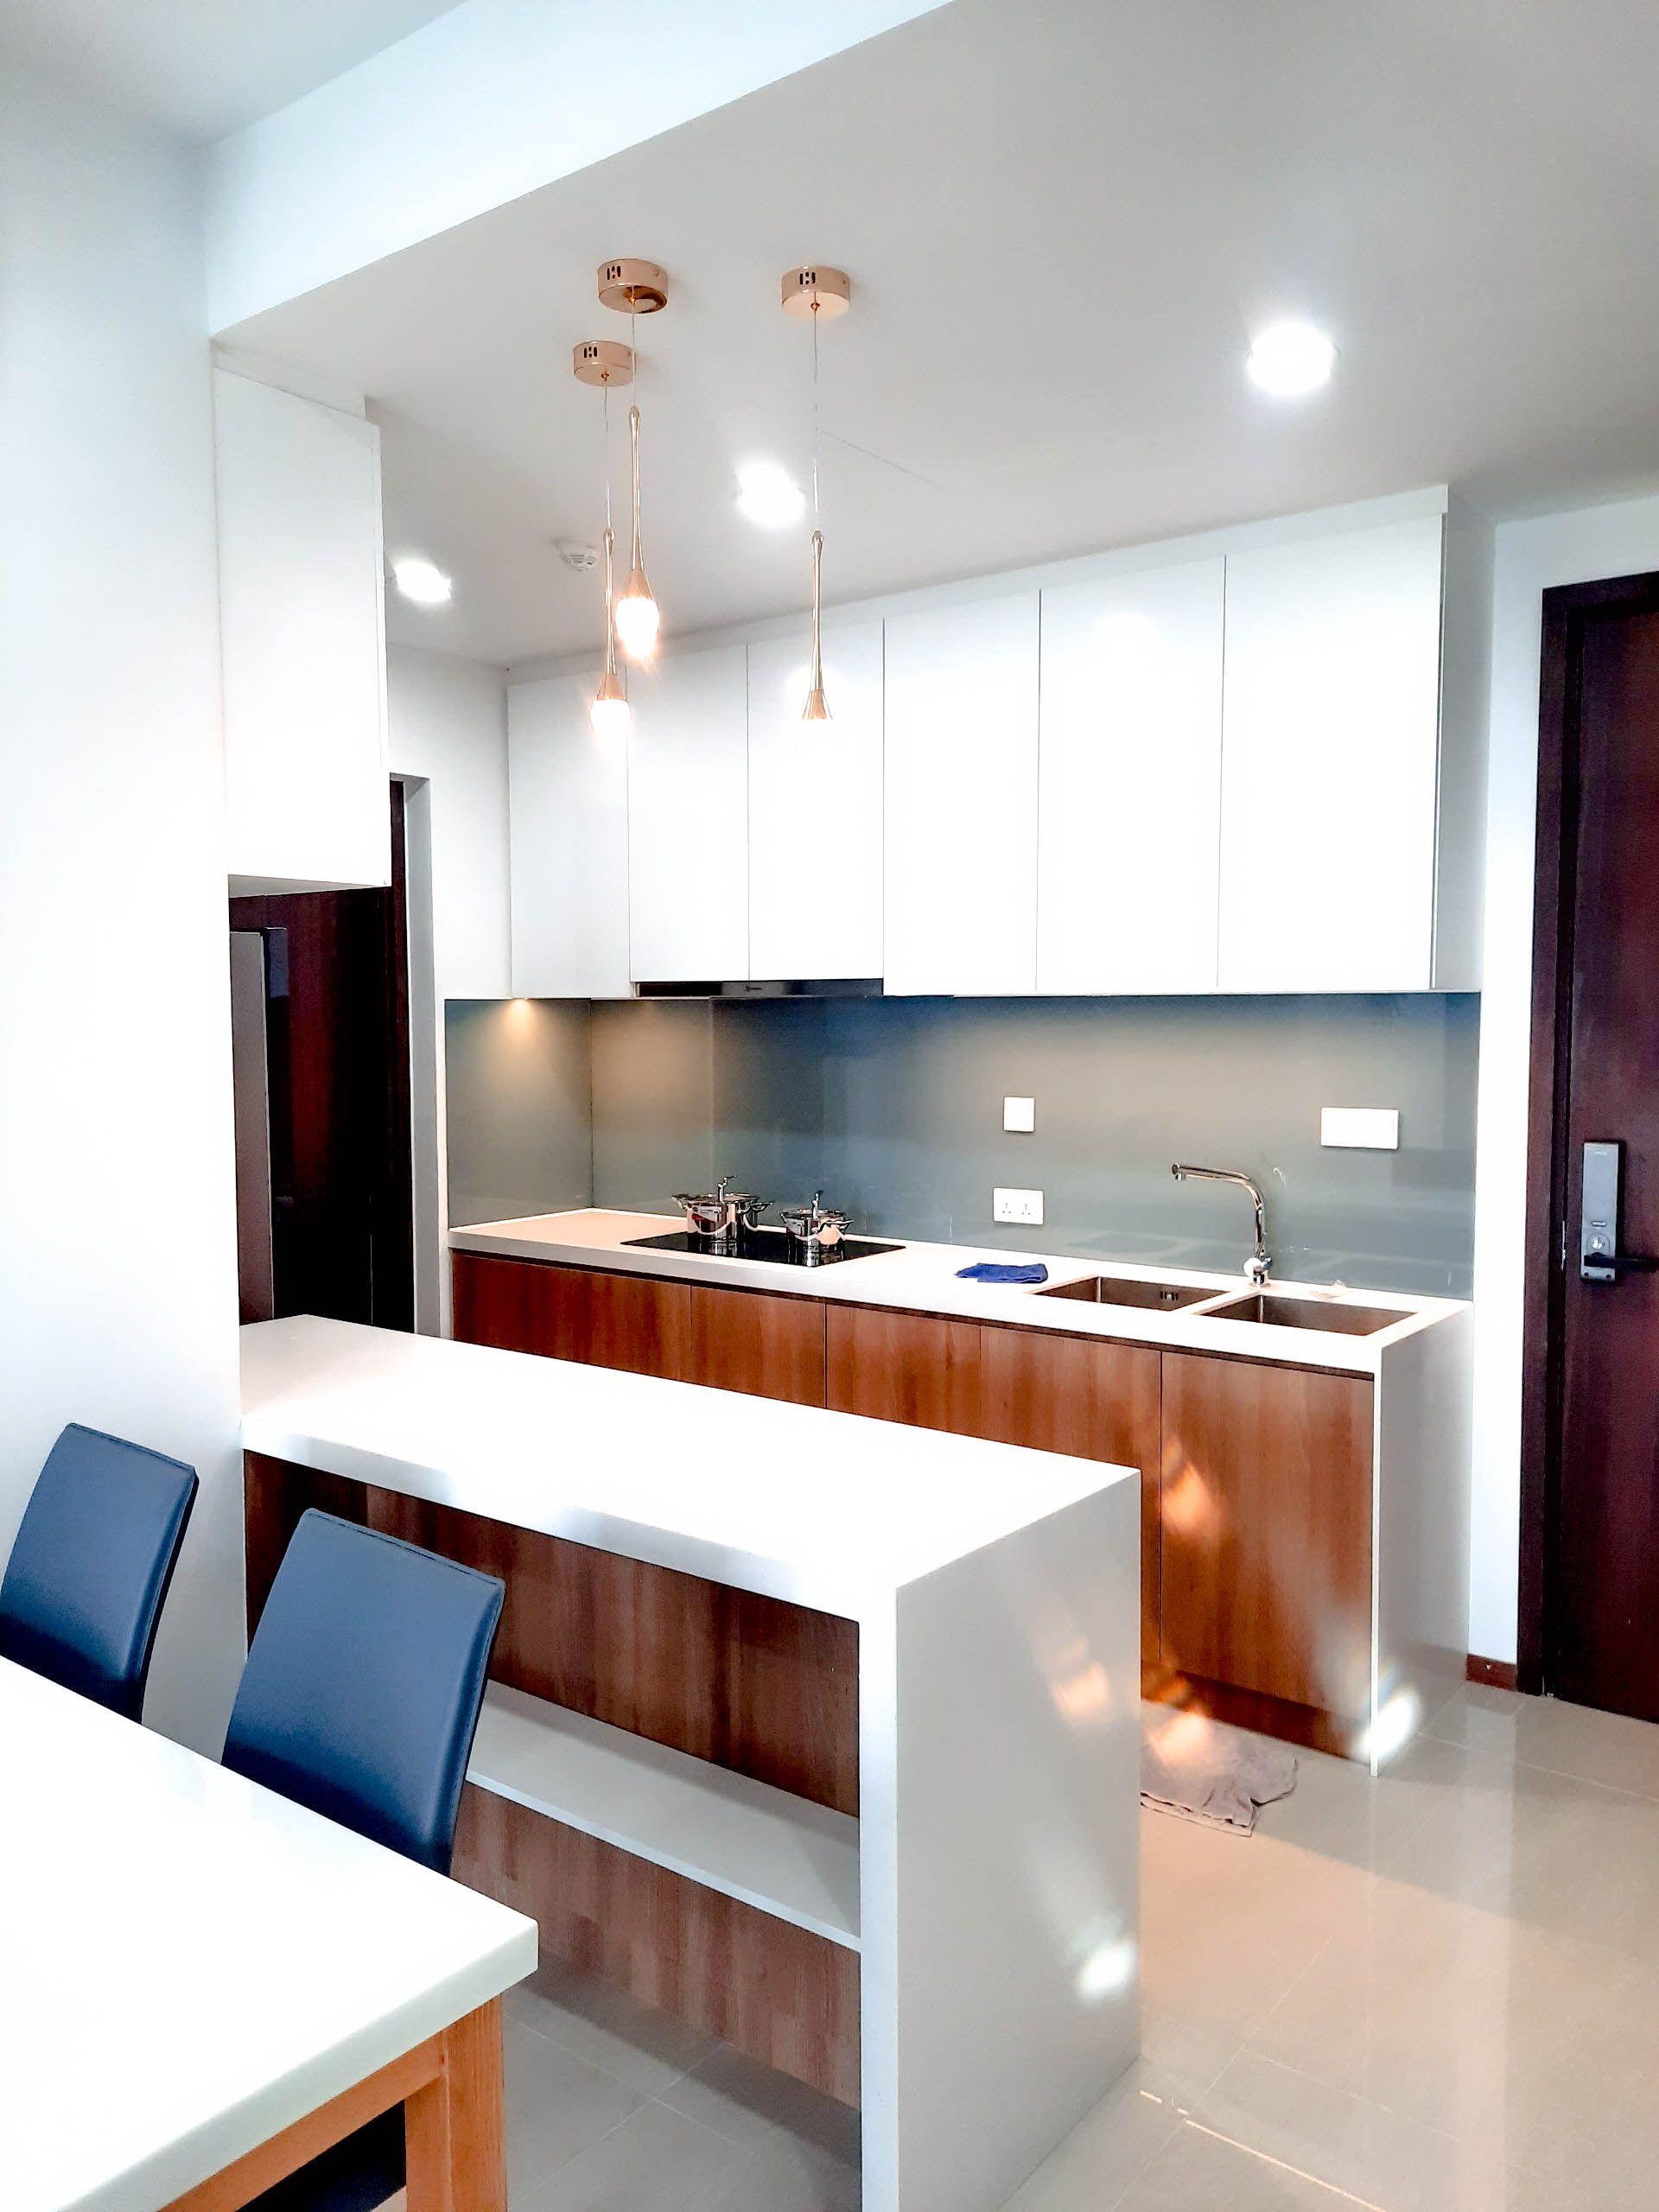 Lựa chọn đơn vị thiết kế, thi công nội thất nào để thiết kế nội thất bếp?